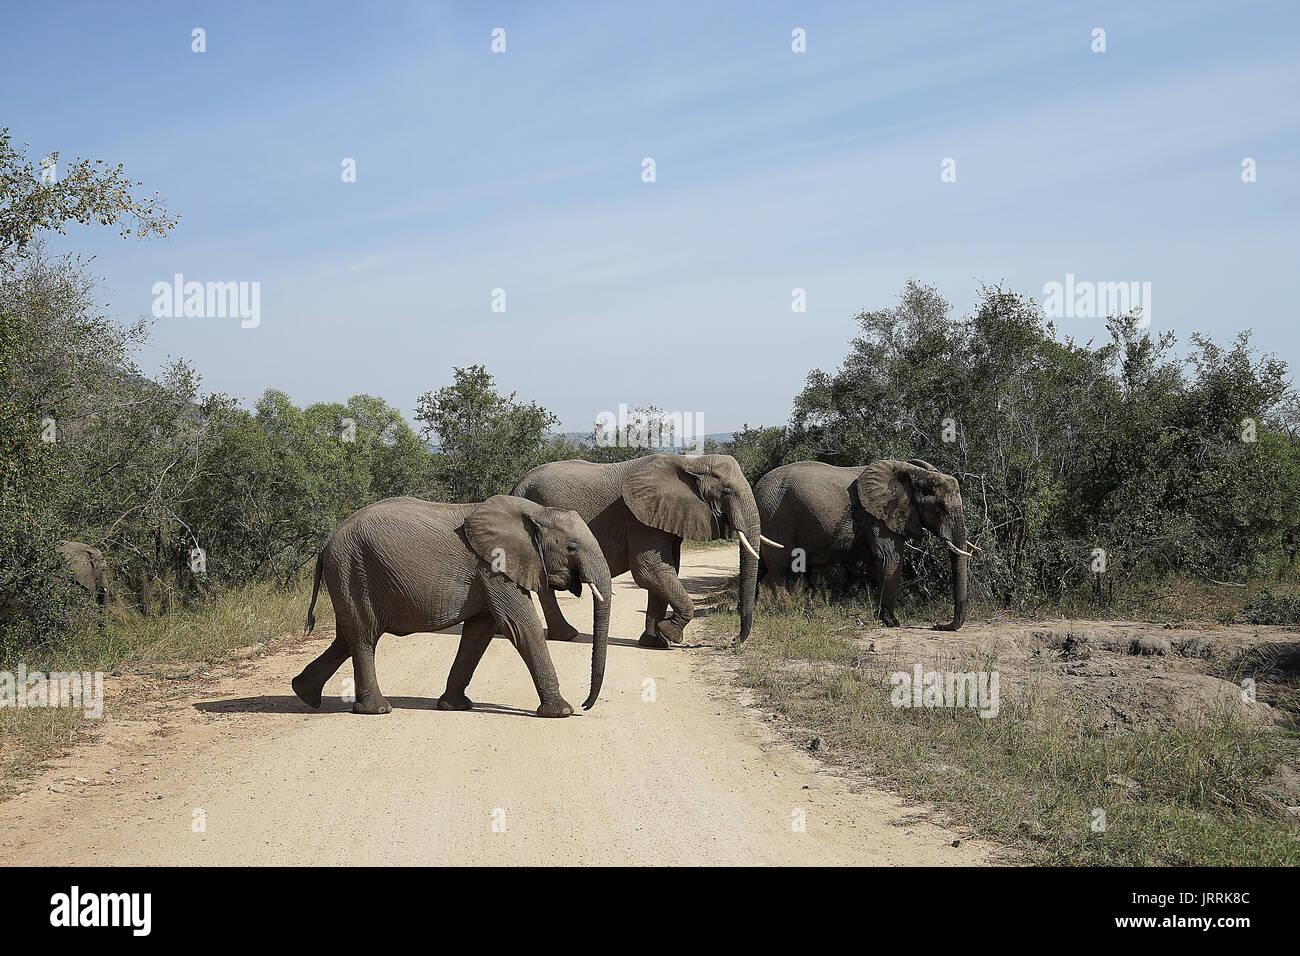 African Elephant Kruger National Park - Stock Image